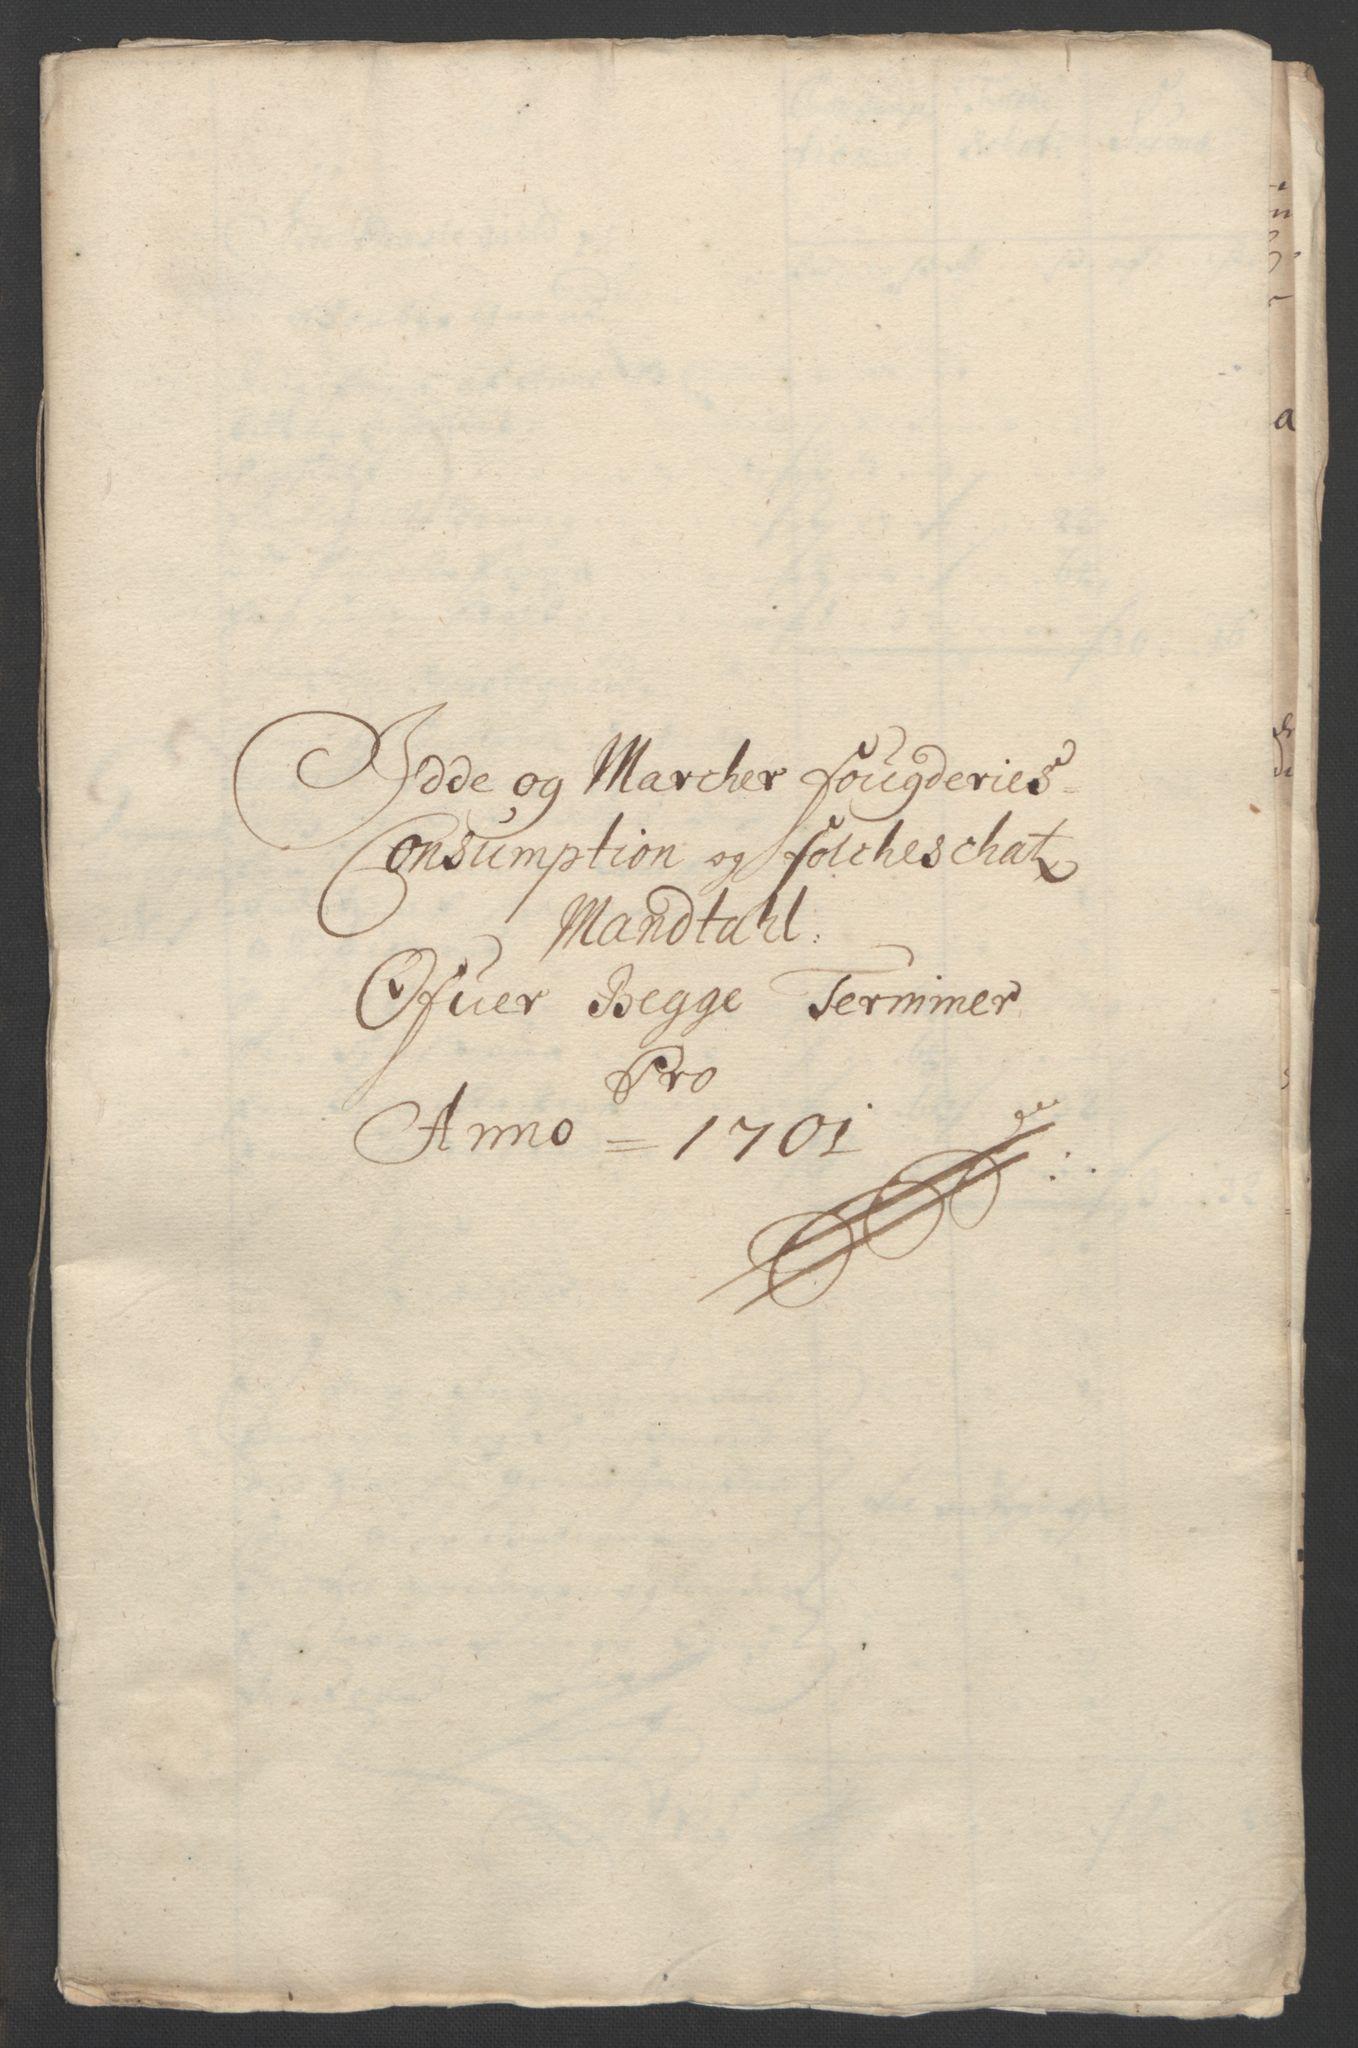 RA, Rentekammeret inntil 1814, Reviderte regnskaper, Fogderegnskap, R01/L0015: Fogderegnskap Idd og Marker, 1700-1701, s. 285